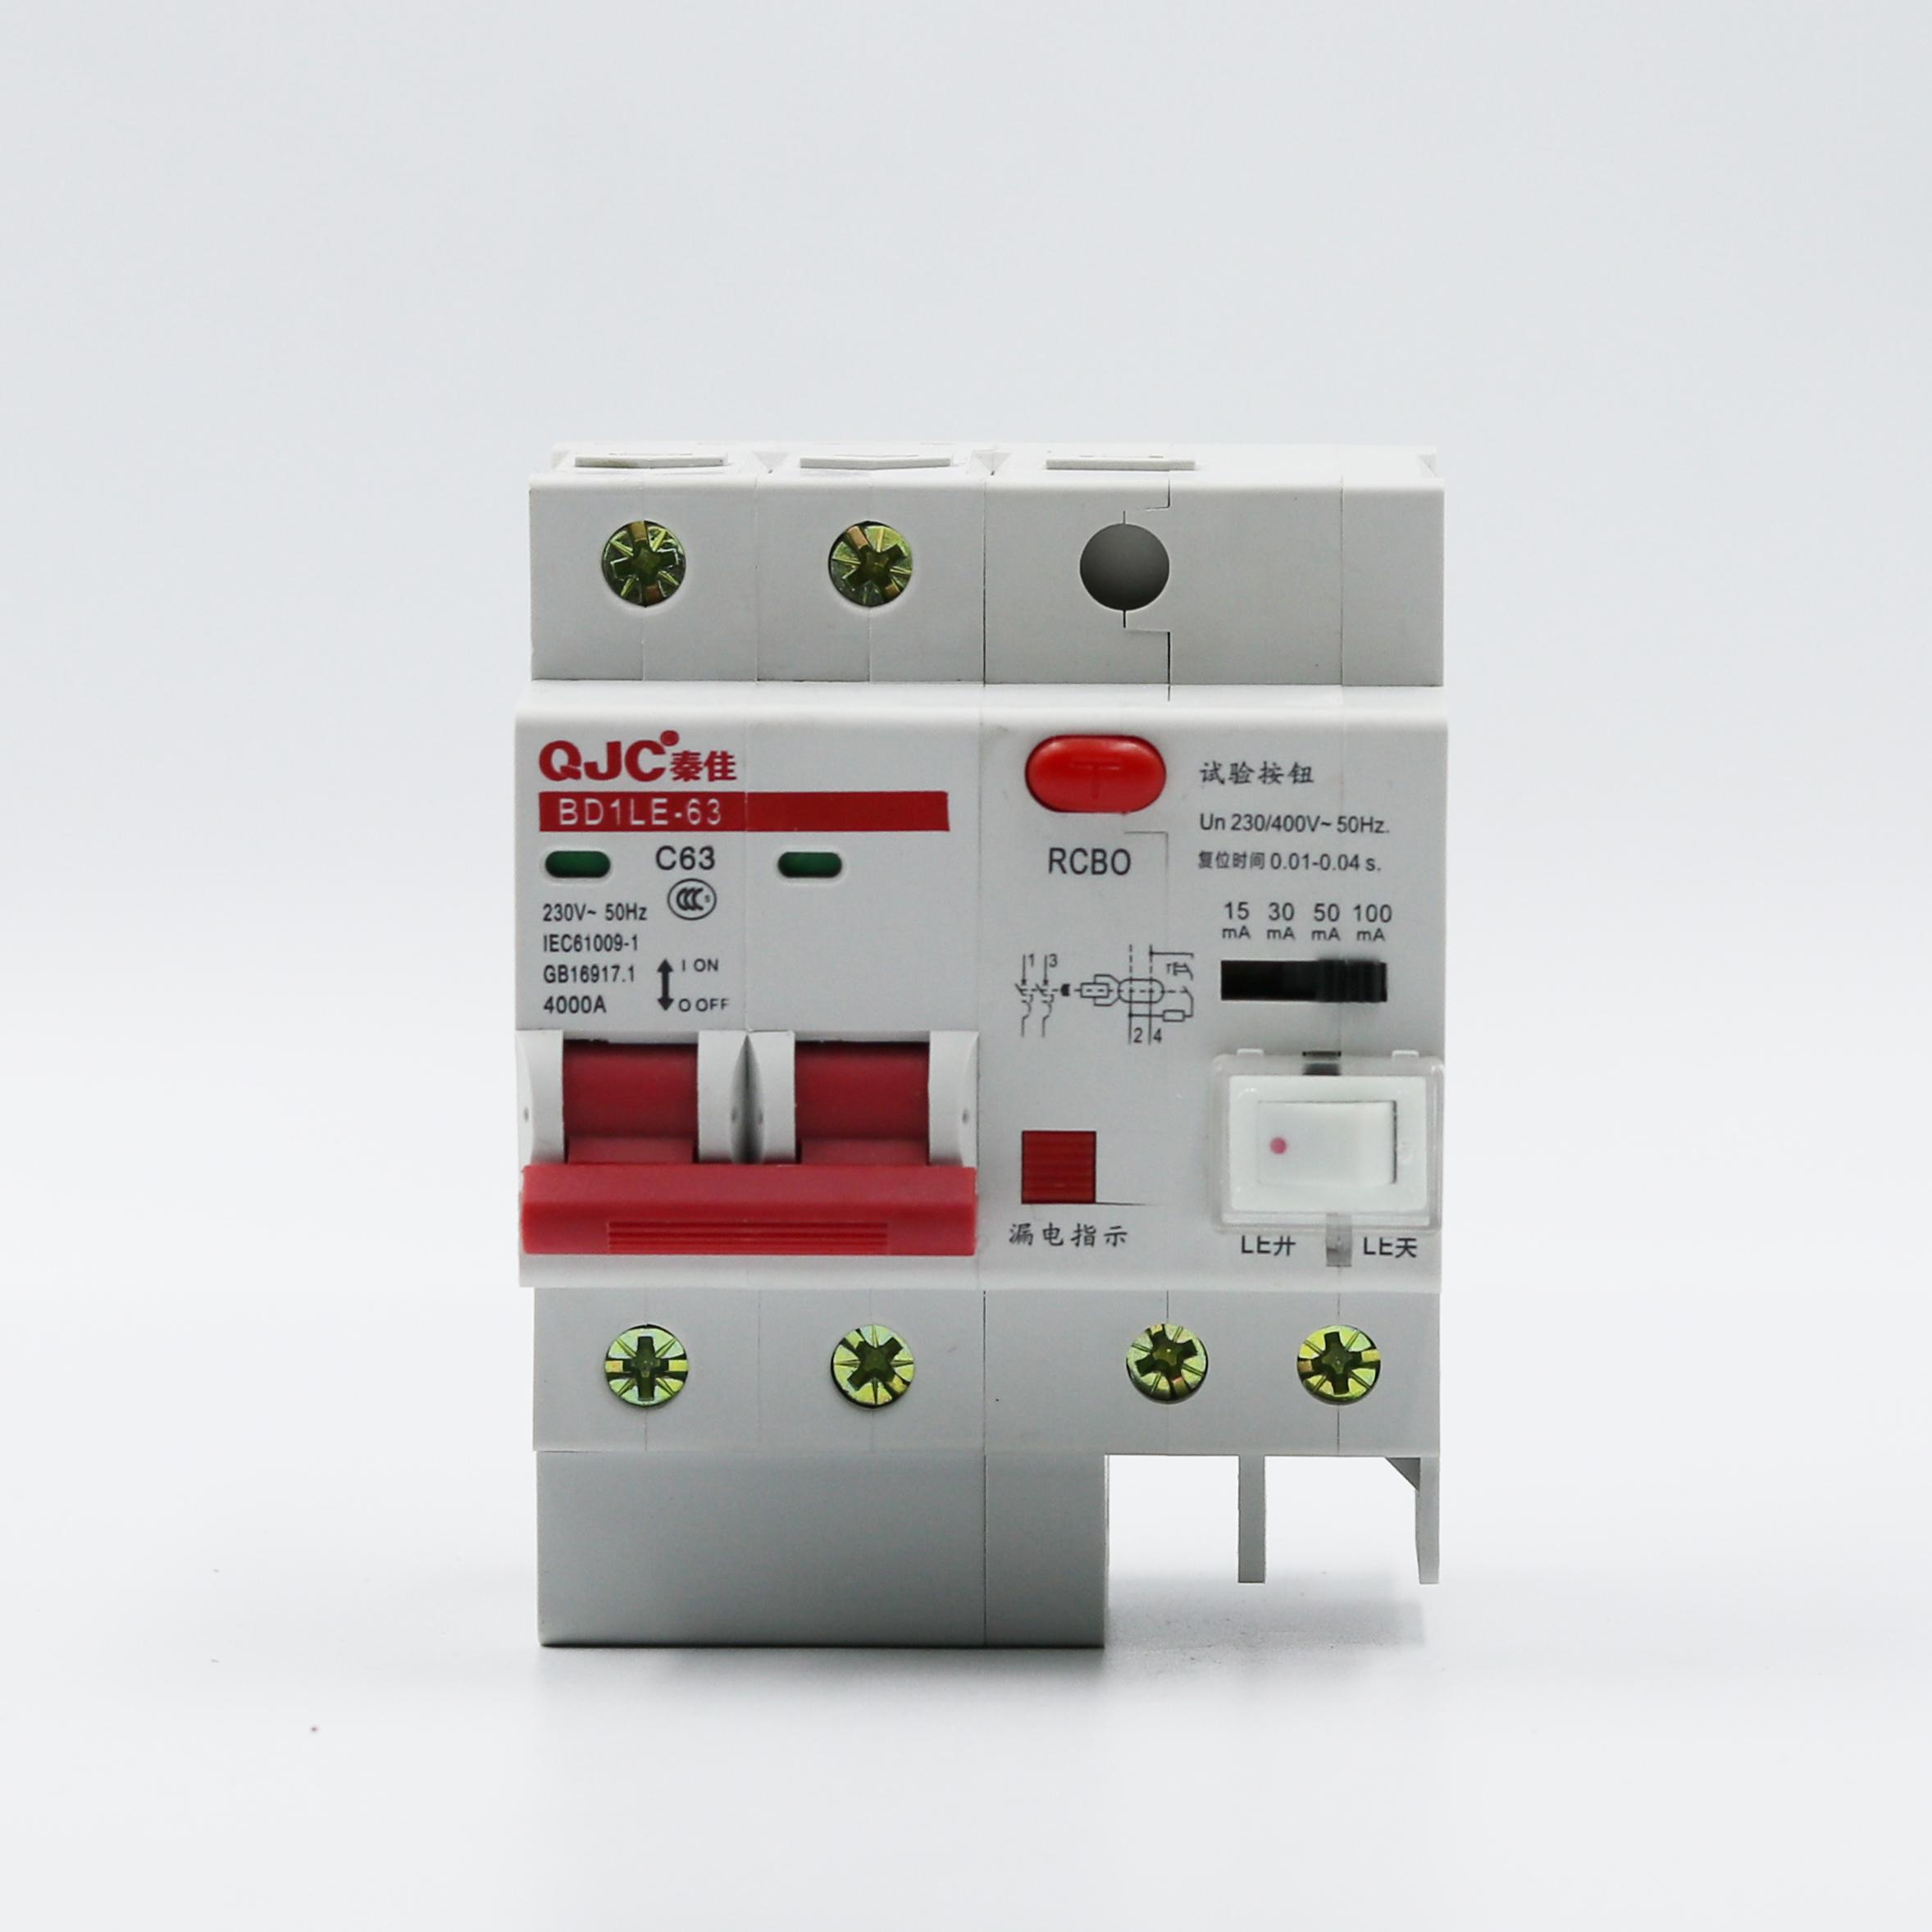 漏电保护器厂家 三相漏电保护器 山东防漏电保护器电话